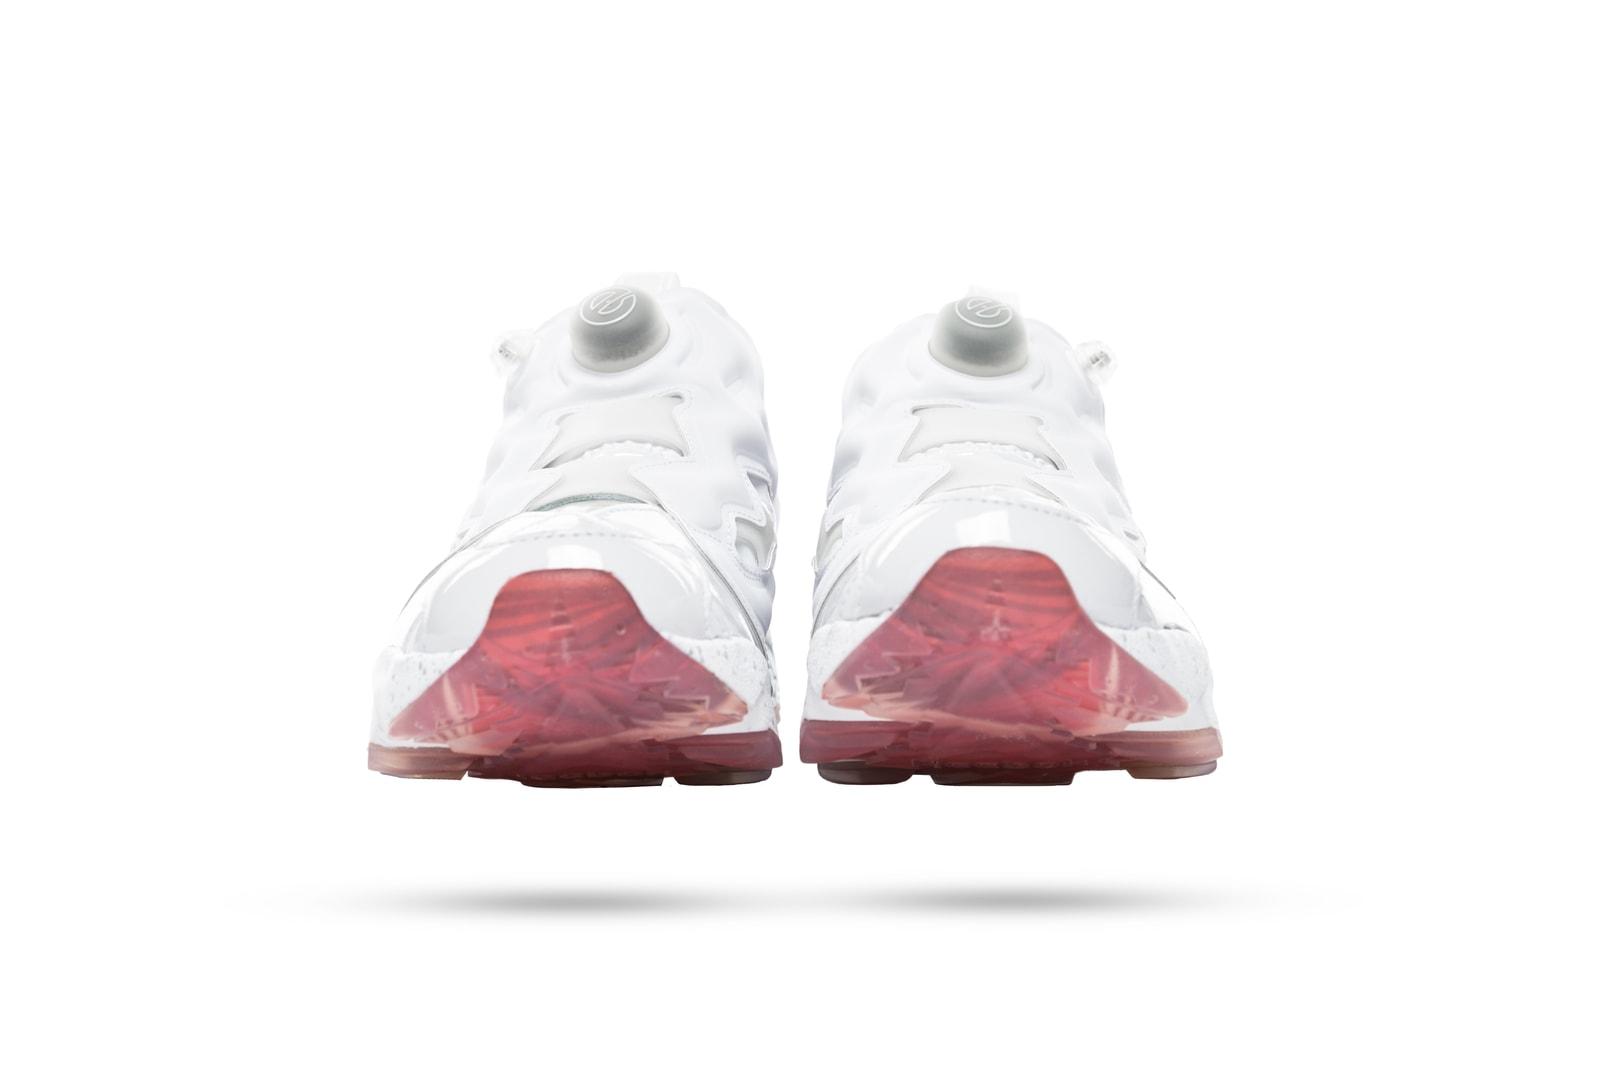 Epitome x Reebok Instapump Fury Sneaker Footwear Shoe Evolution of Woman Female Power Campaign Lookbook Silhouette